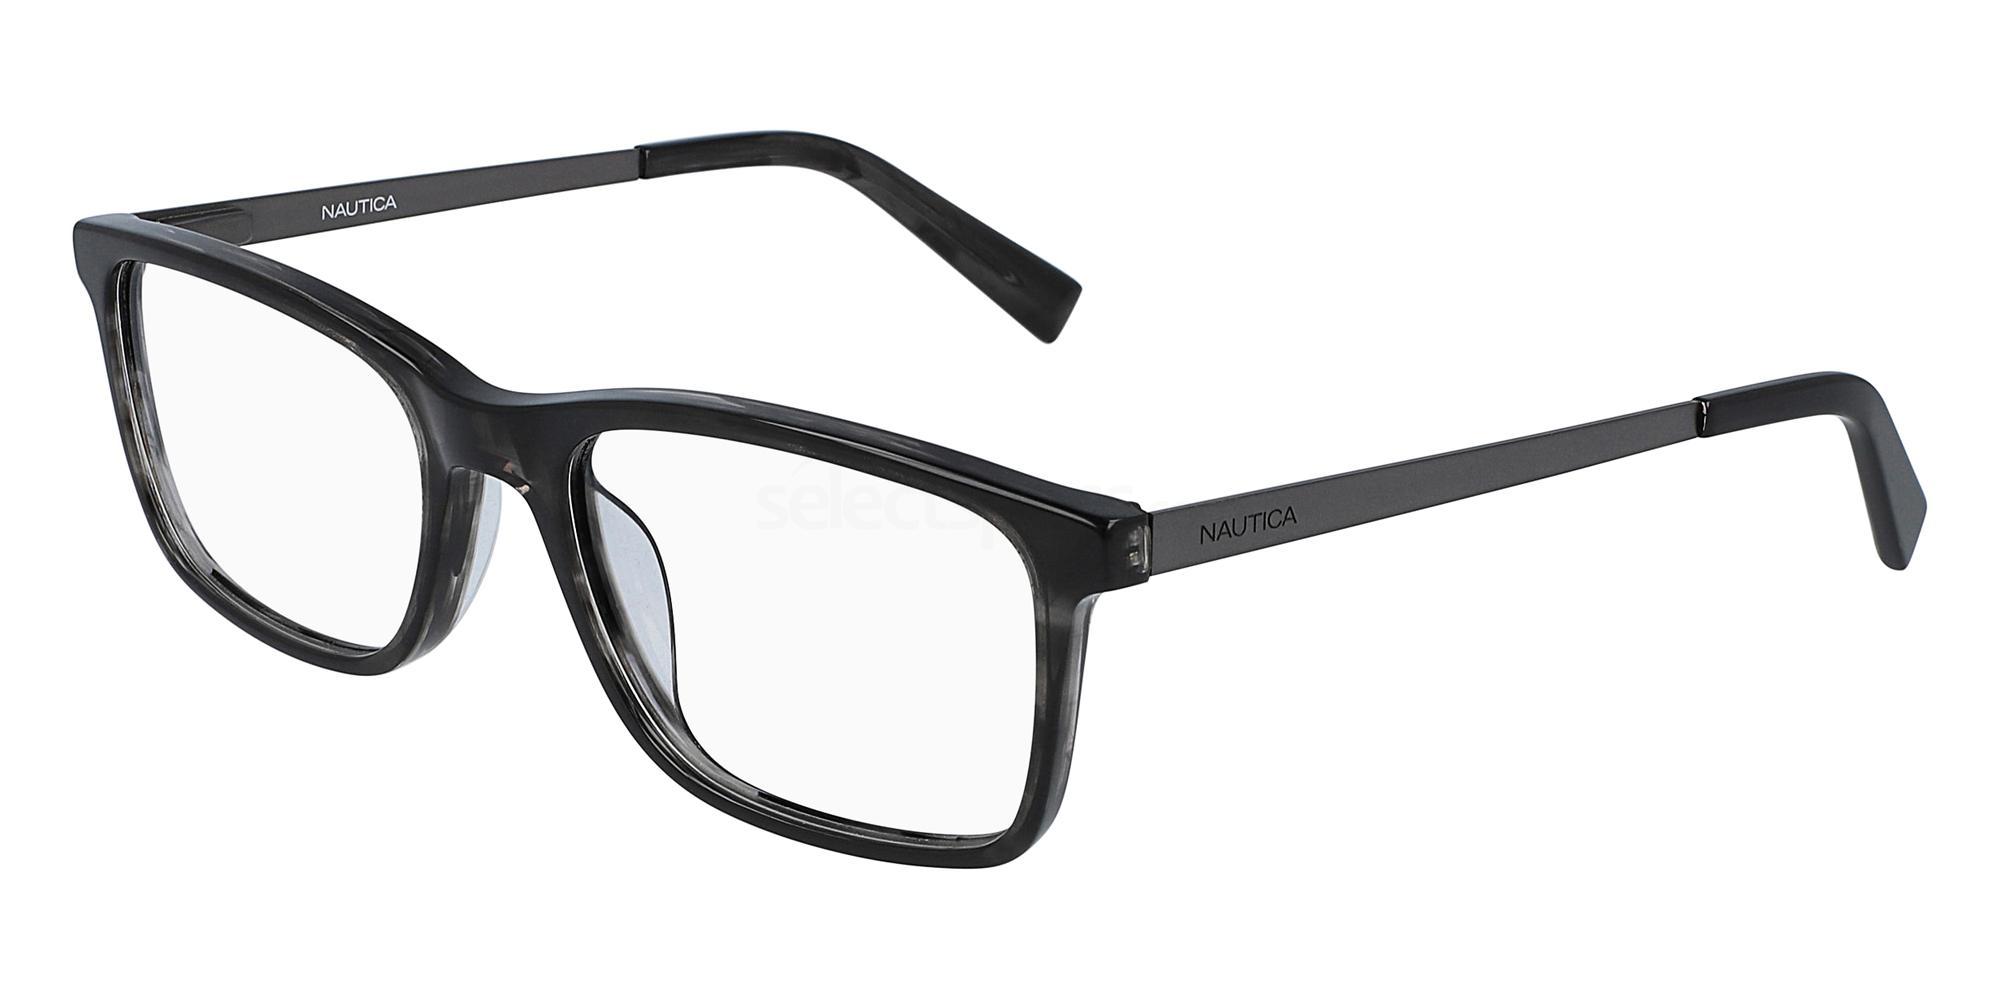 015 N8153 Glasses, Nautica